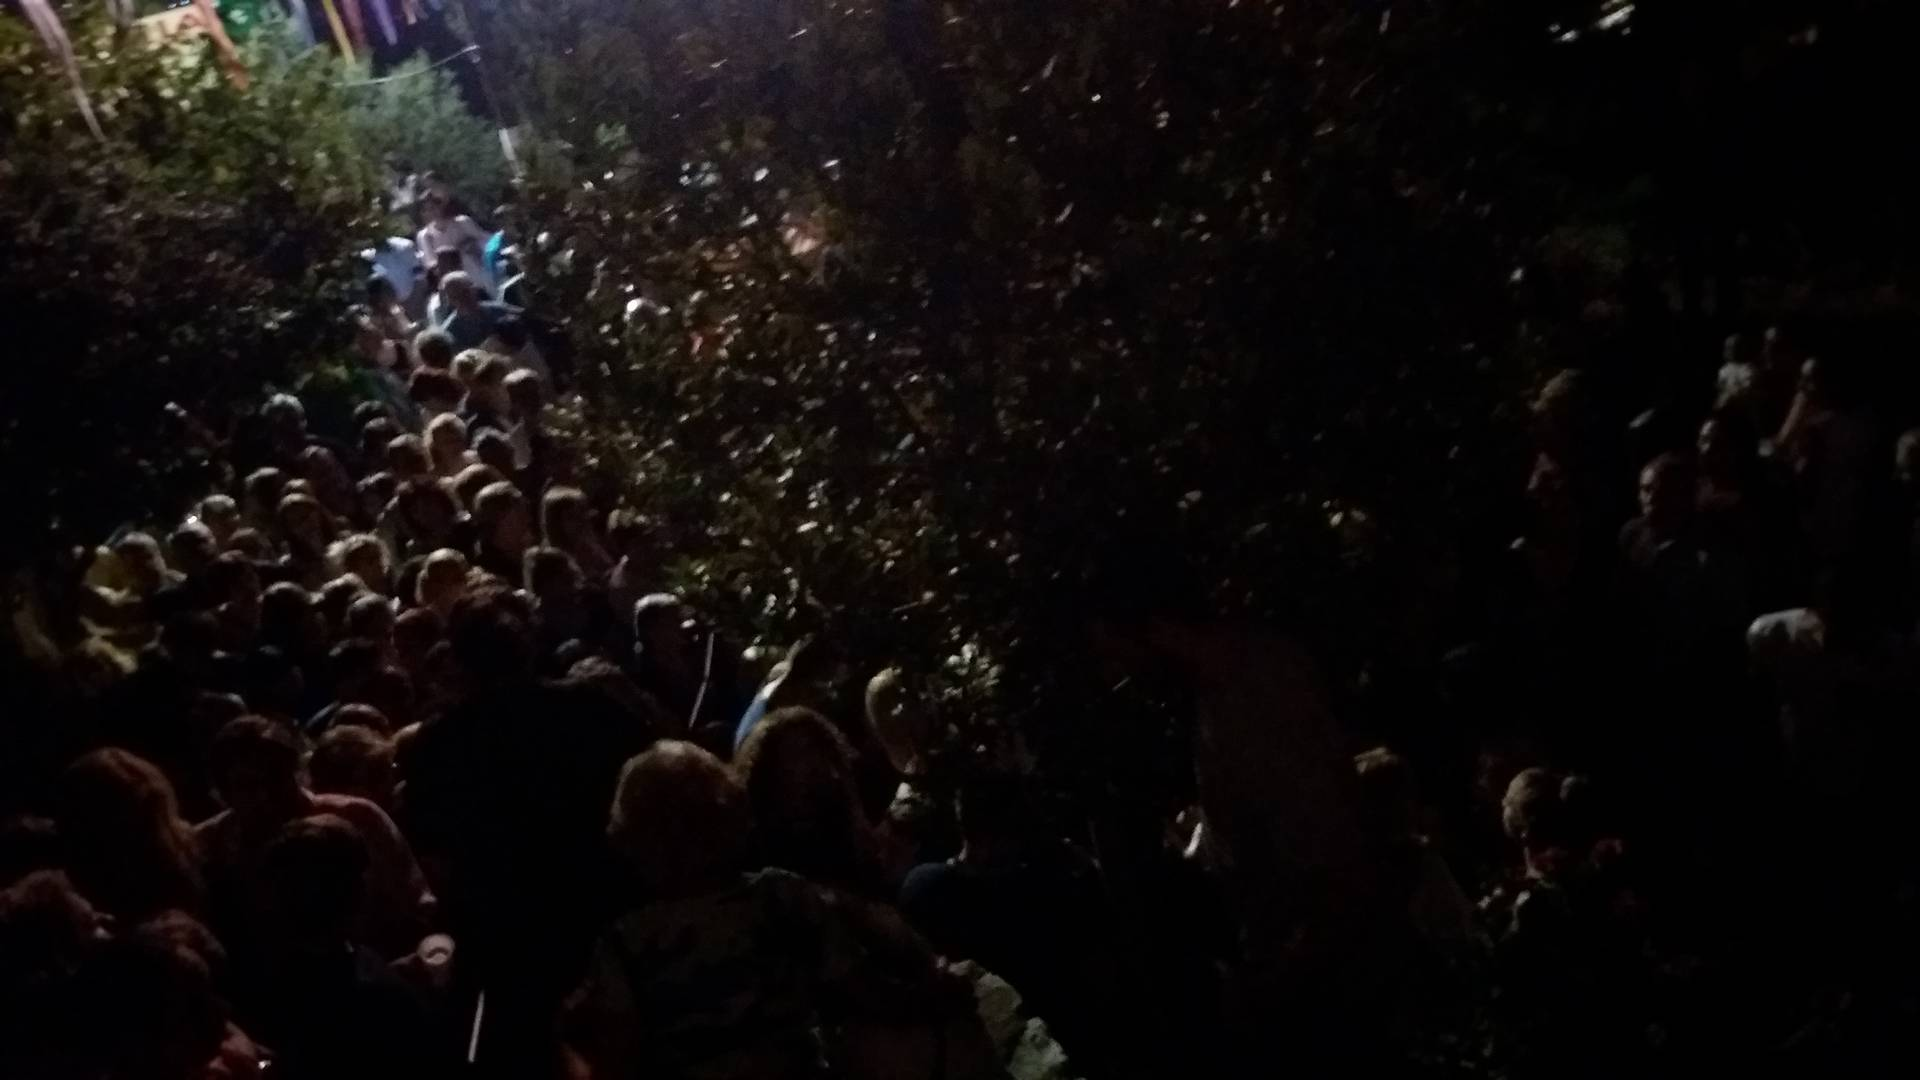 ΤΩΡΑ Λυκαβηττός: Χιλιάδες πιστοί βοηθούνται από τον θαυματουργό Τίμιο Σταυρό